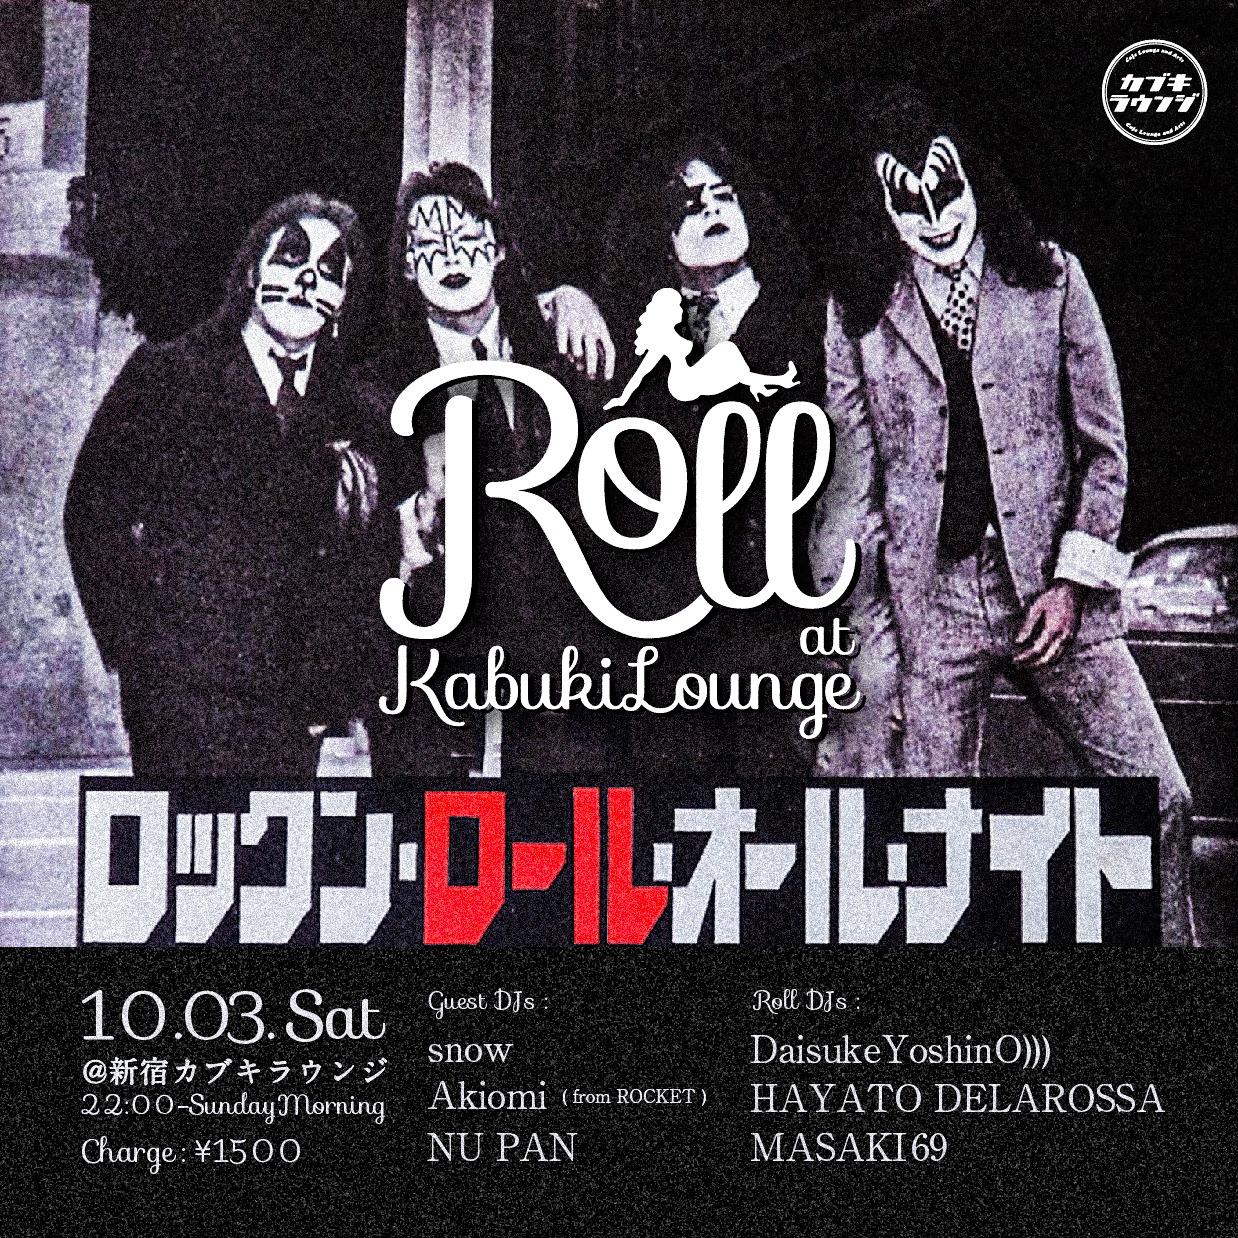 10.03.sat Roll @ 新宿カブキラウンジ